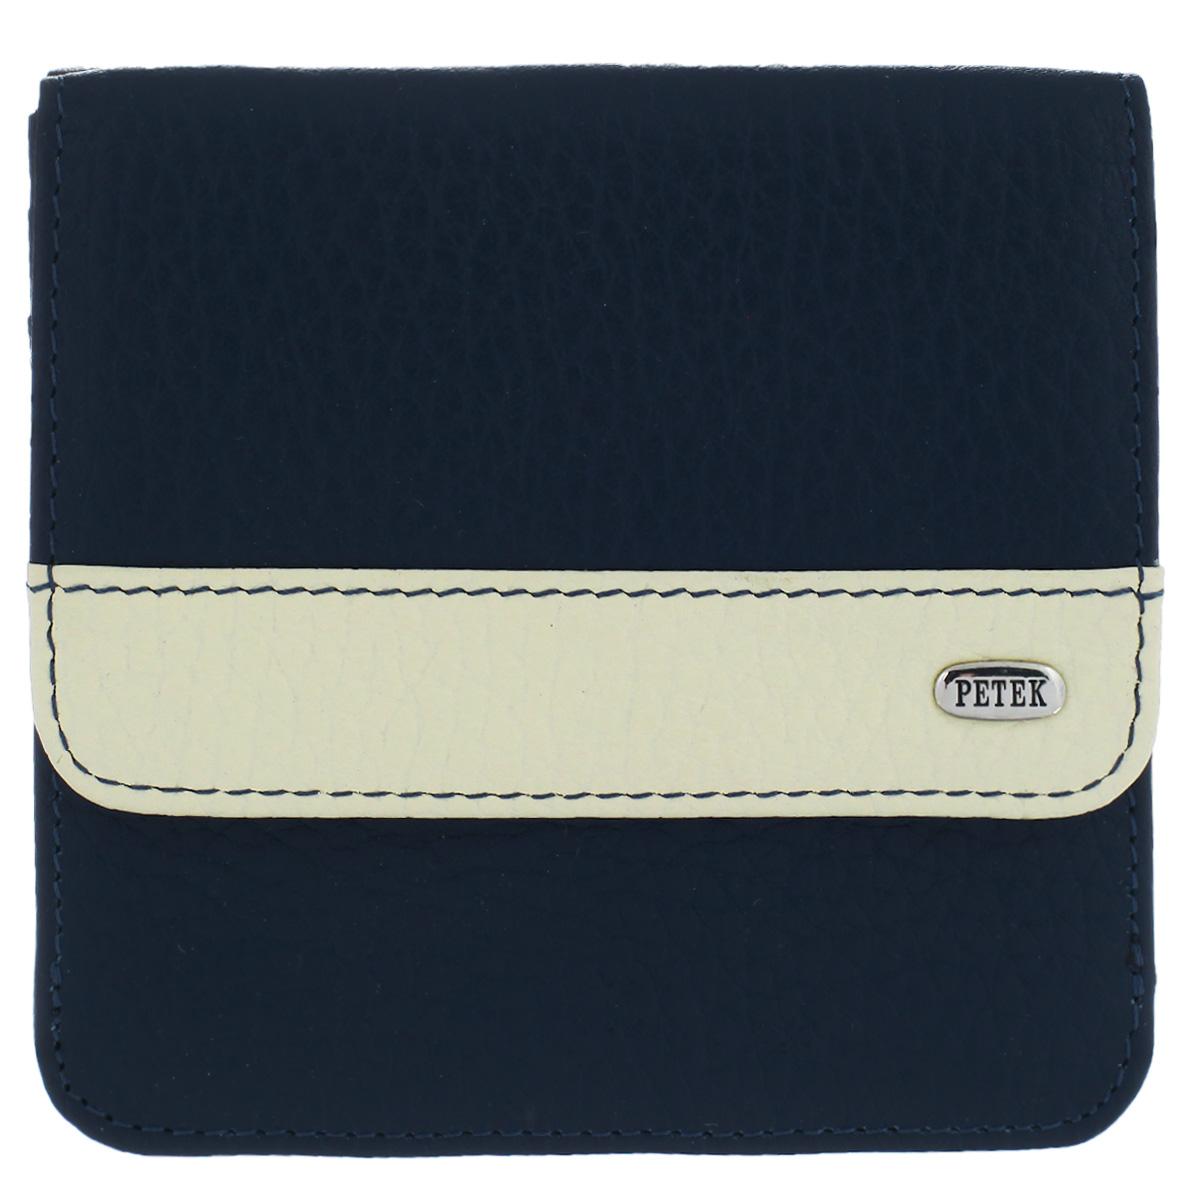 Petek 1855 Портмоне женское Petek, цвет: синий, кремовый. 355.46D. 88